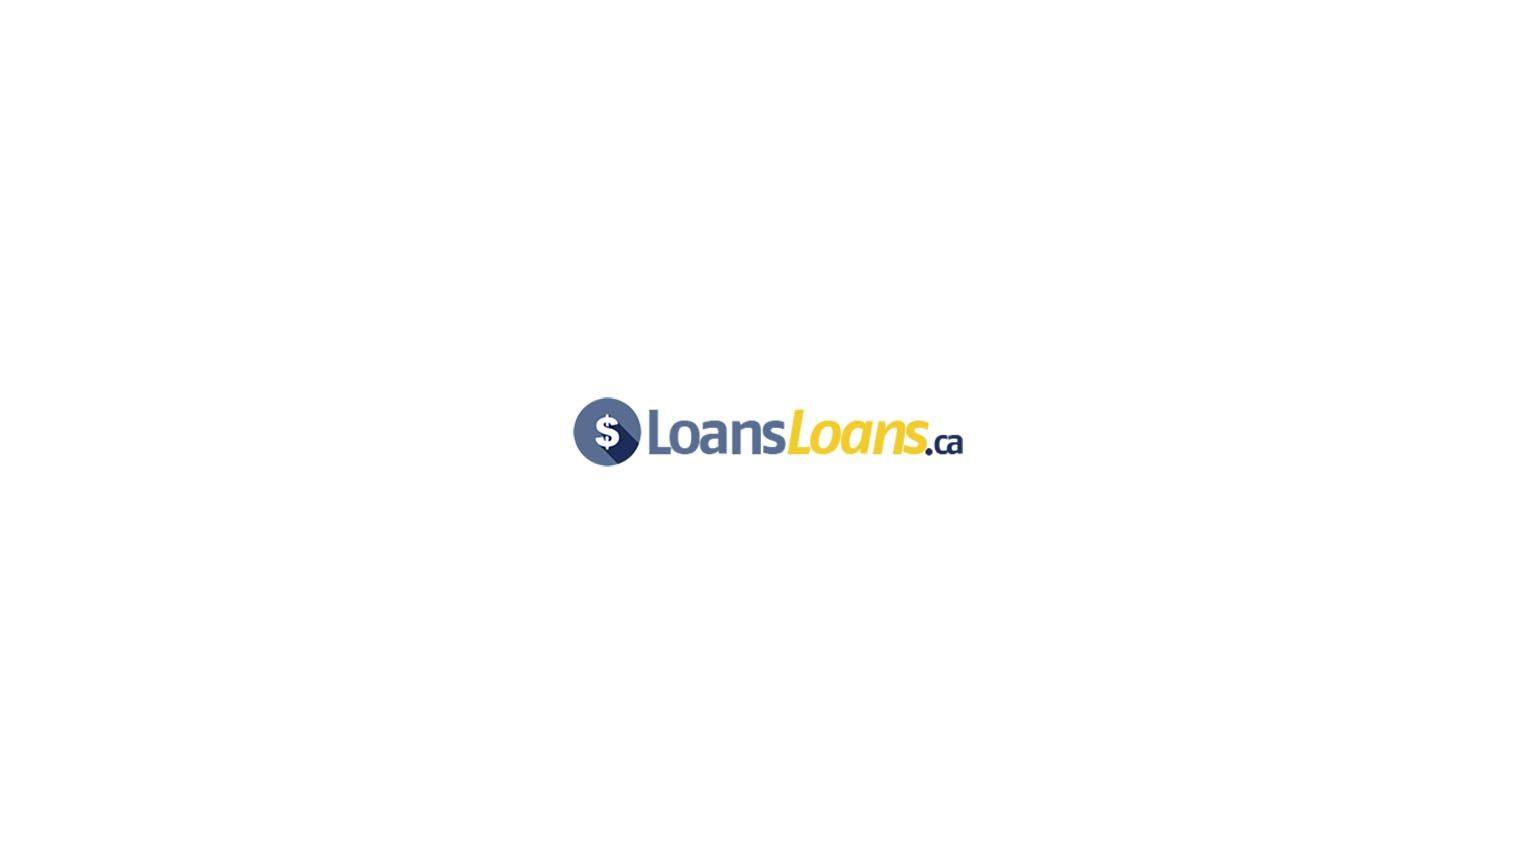 LoansLoans.ca logo